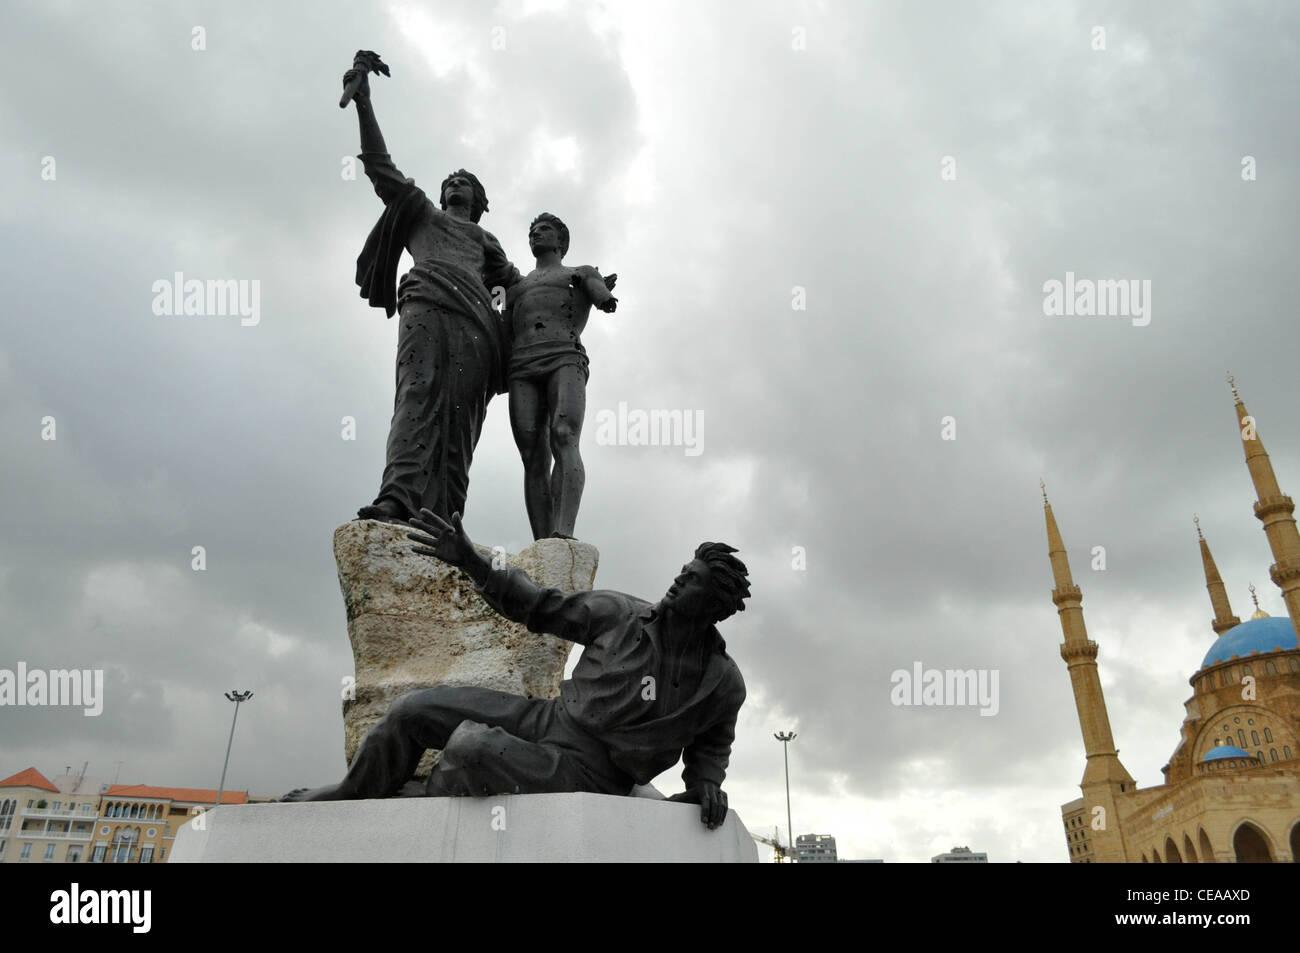 La Plaza de los mártires, Beirut, agujeros de bala en la estatua, Líbano Imagen De Stock